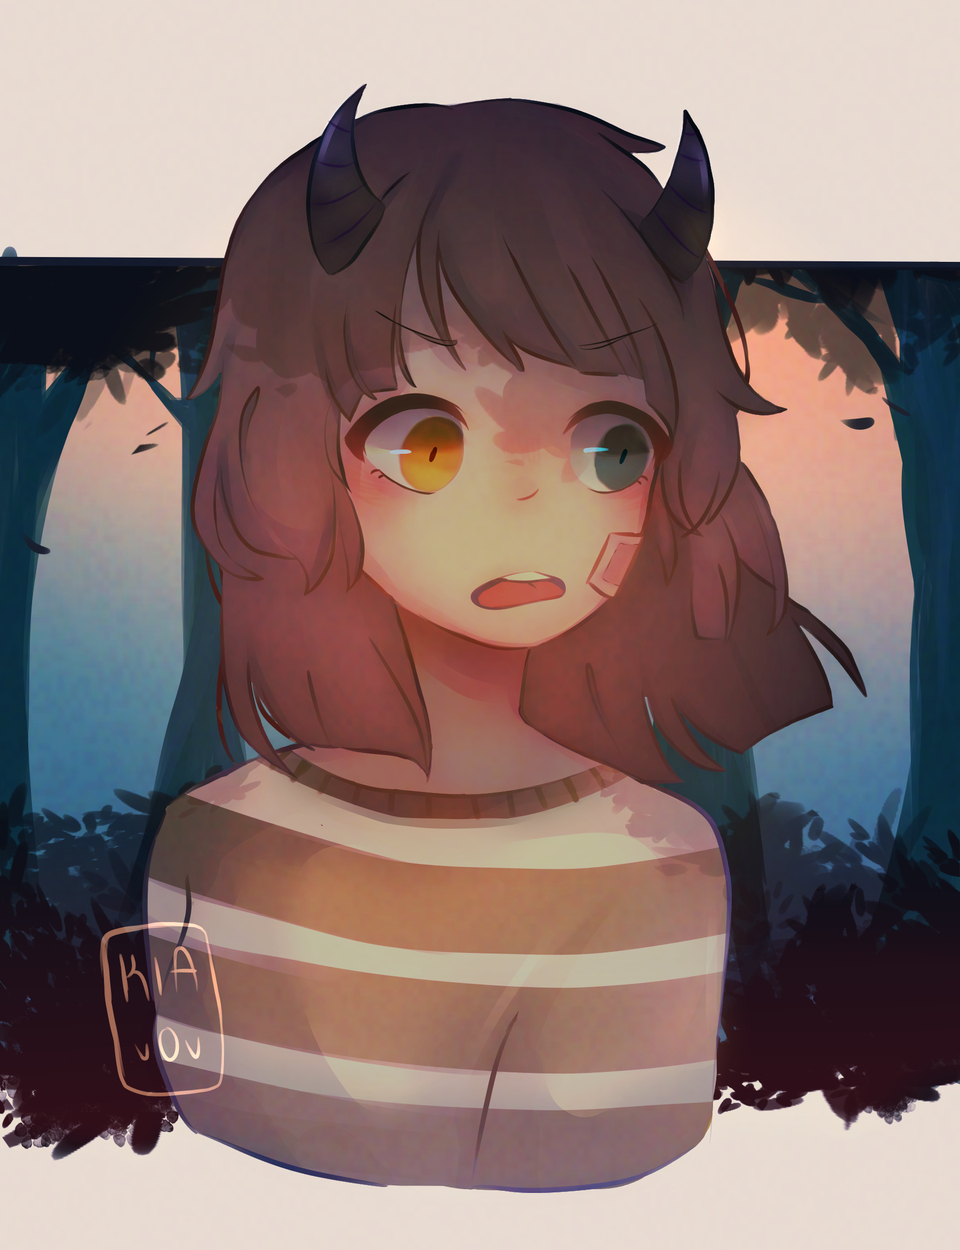 My Demon OC girl